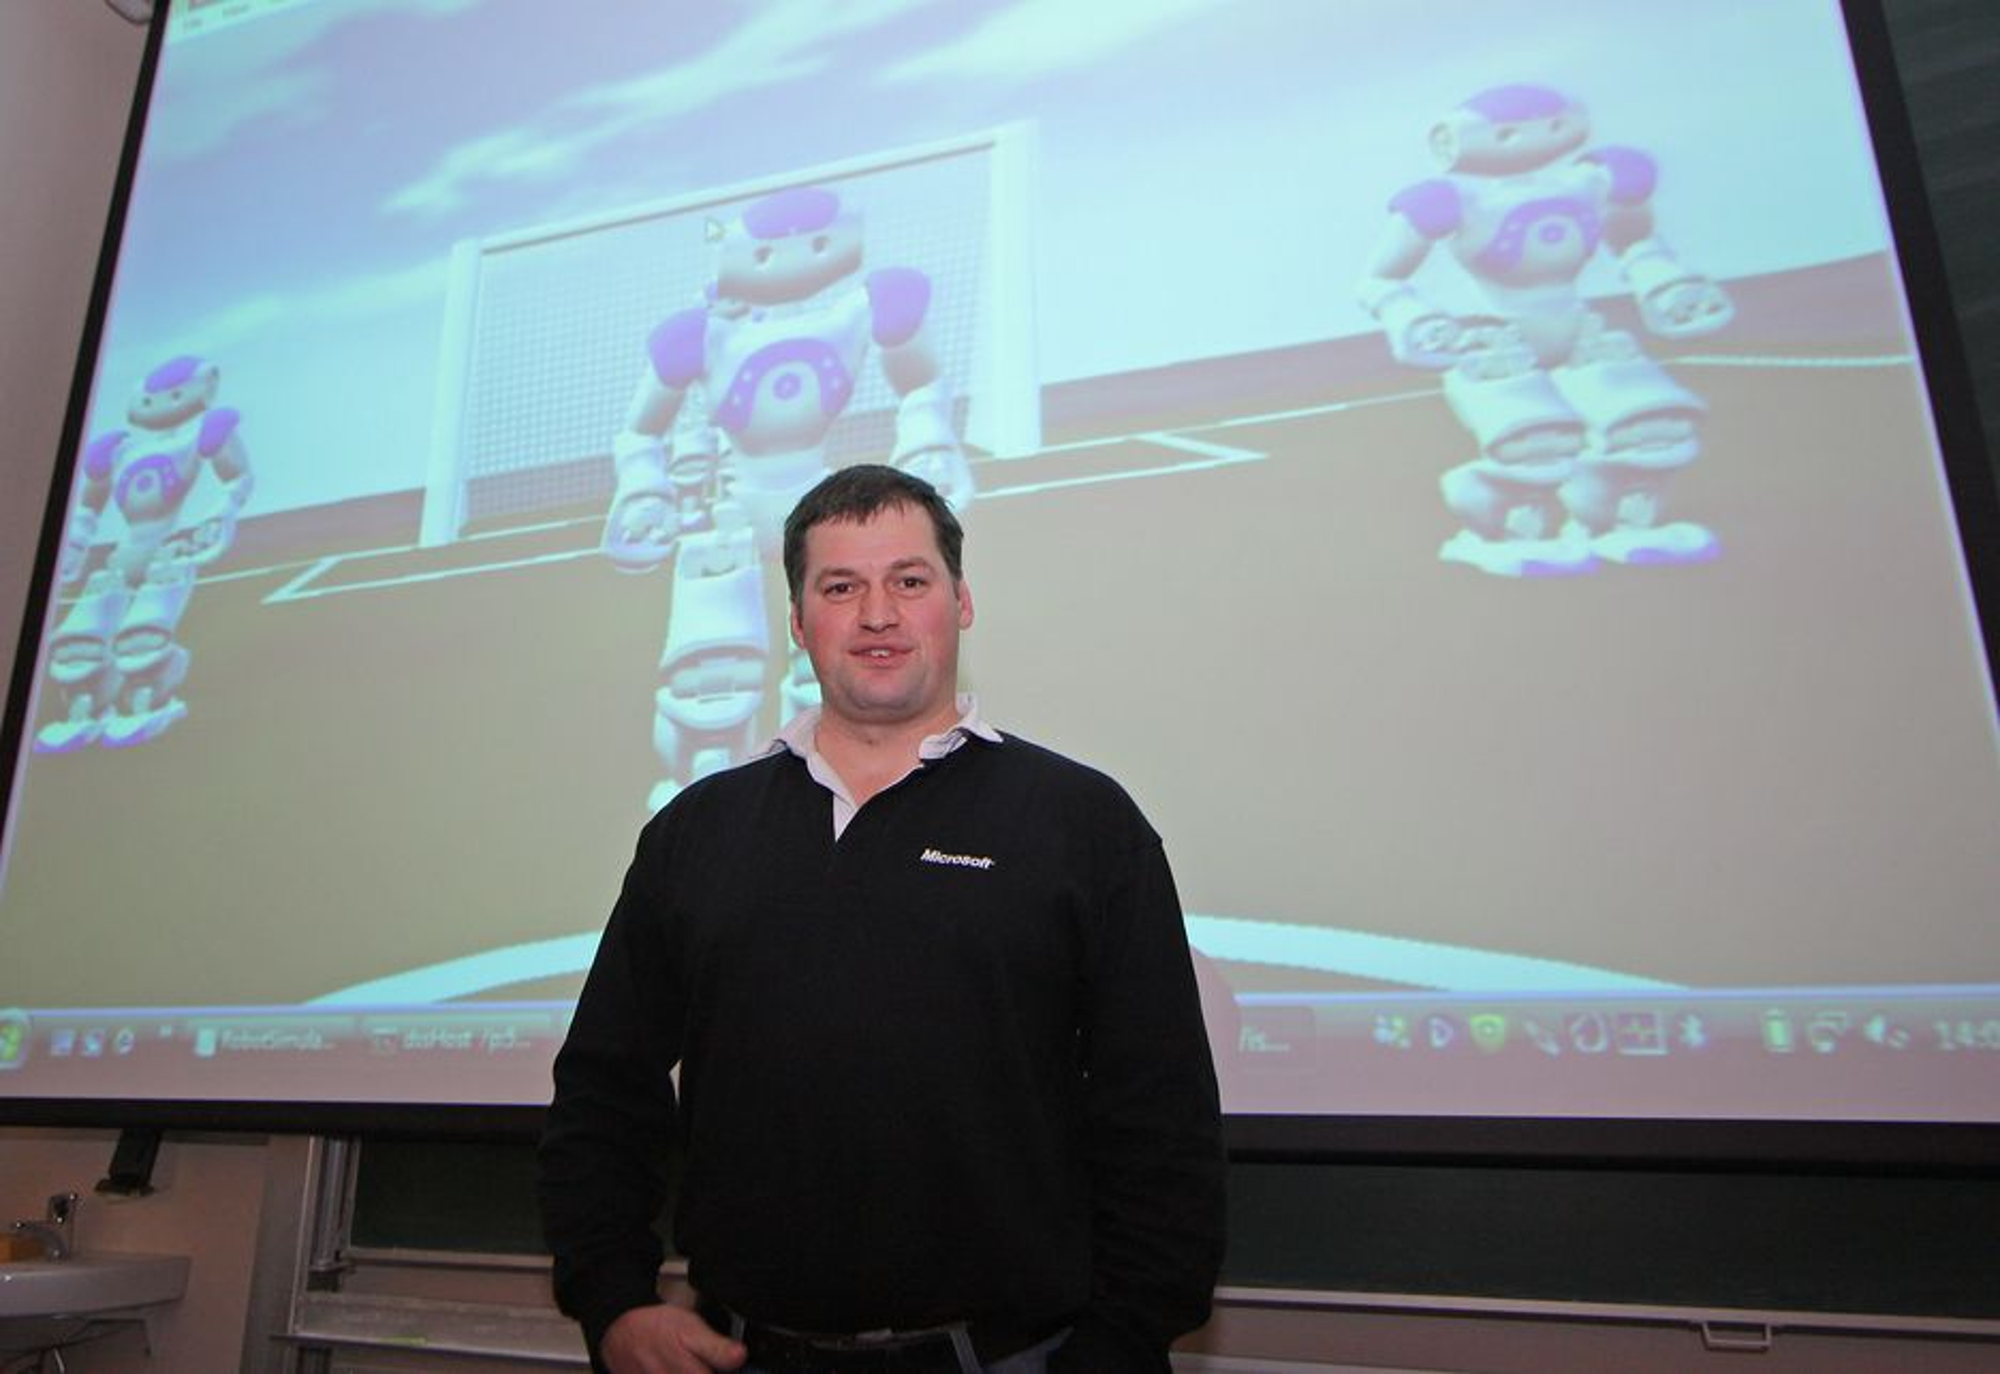 SPILLER FOTBALL:I en turnering spiller fire simulerte roboter med kamerasyn fotball. Det kan se ut som et vanlig dataspill, men dette er roboter med alle fysiske parametere modellert inn. Det går ikke spesielt fort, men det er mulig å gi robotene mer datakraft og øke hastighetene. Men dette er bare starten. Robotevangelist Paul Foster i Microsoft er overbevist om at innen 2050 vil et lag av virkelige roboter slå verdens beste menneskelag i fotball.